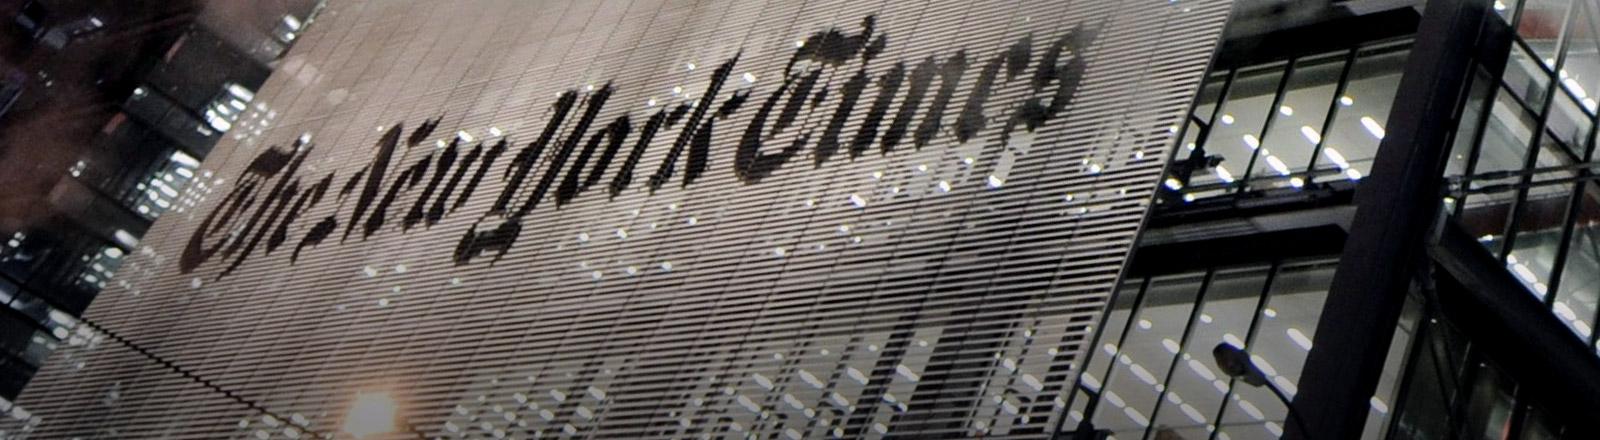 Logo der New York Times an einem Hochhaus